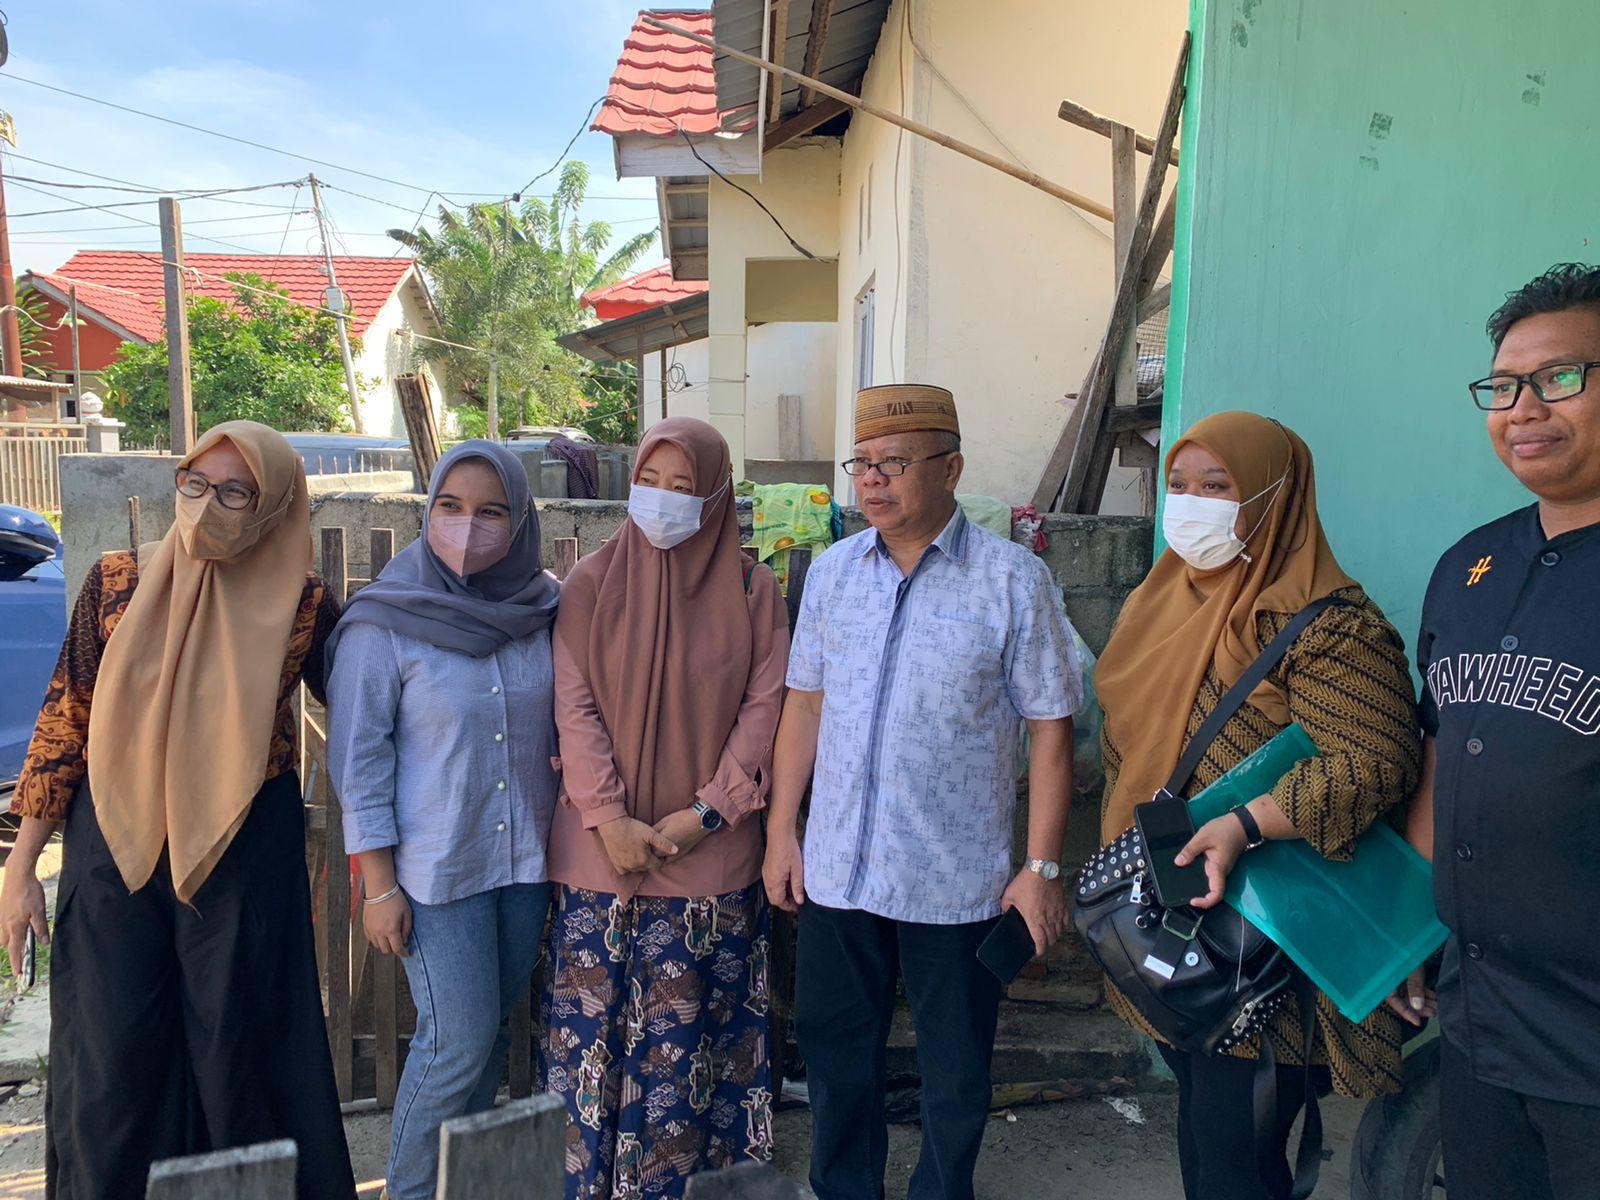 Bantuan Usaha untuk Perempuan Kepala Keluarga dipastikan Berjalan dengan Baik